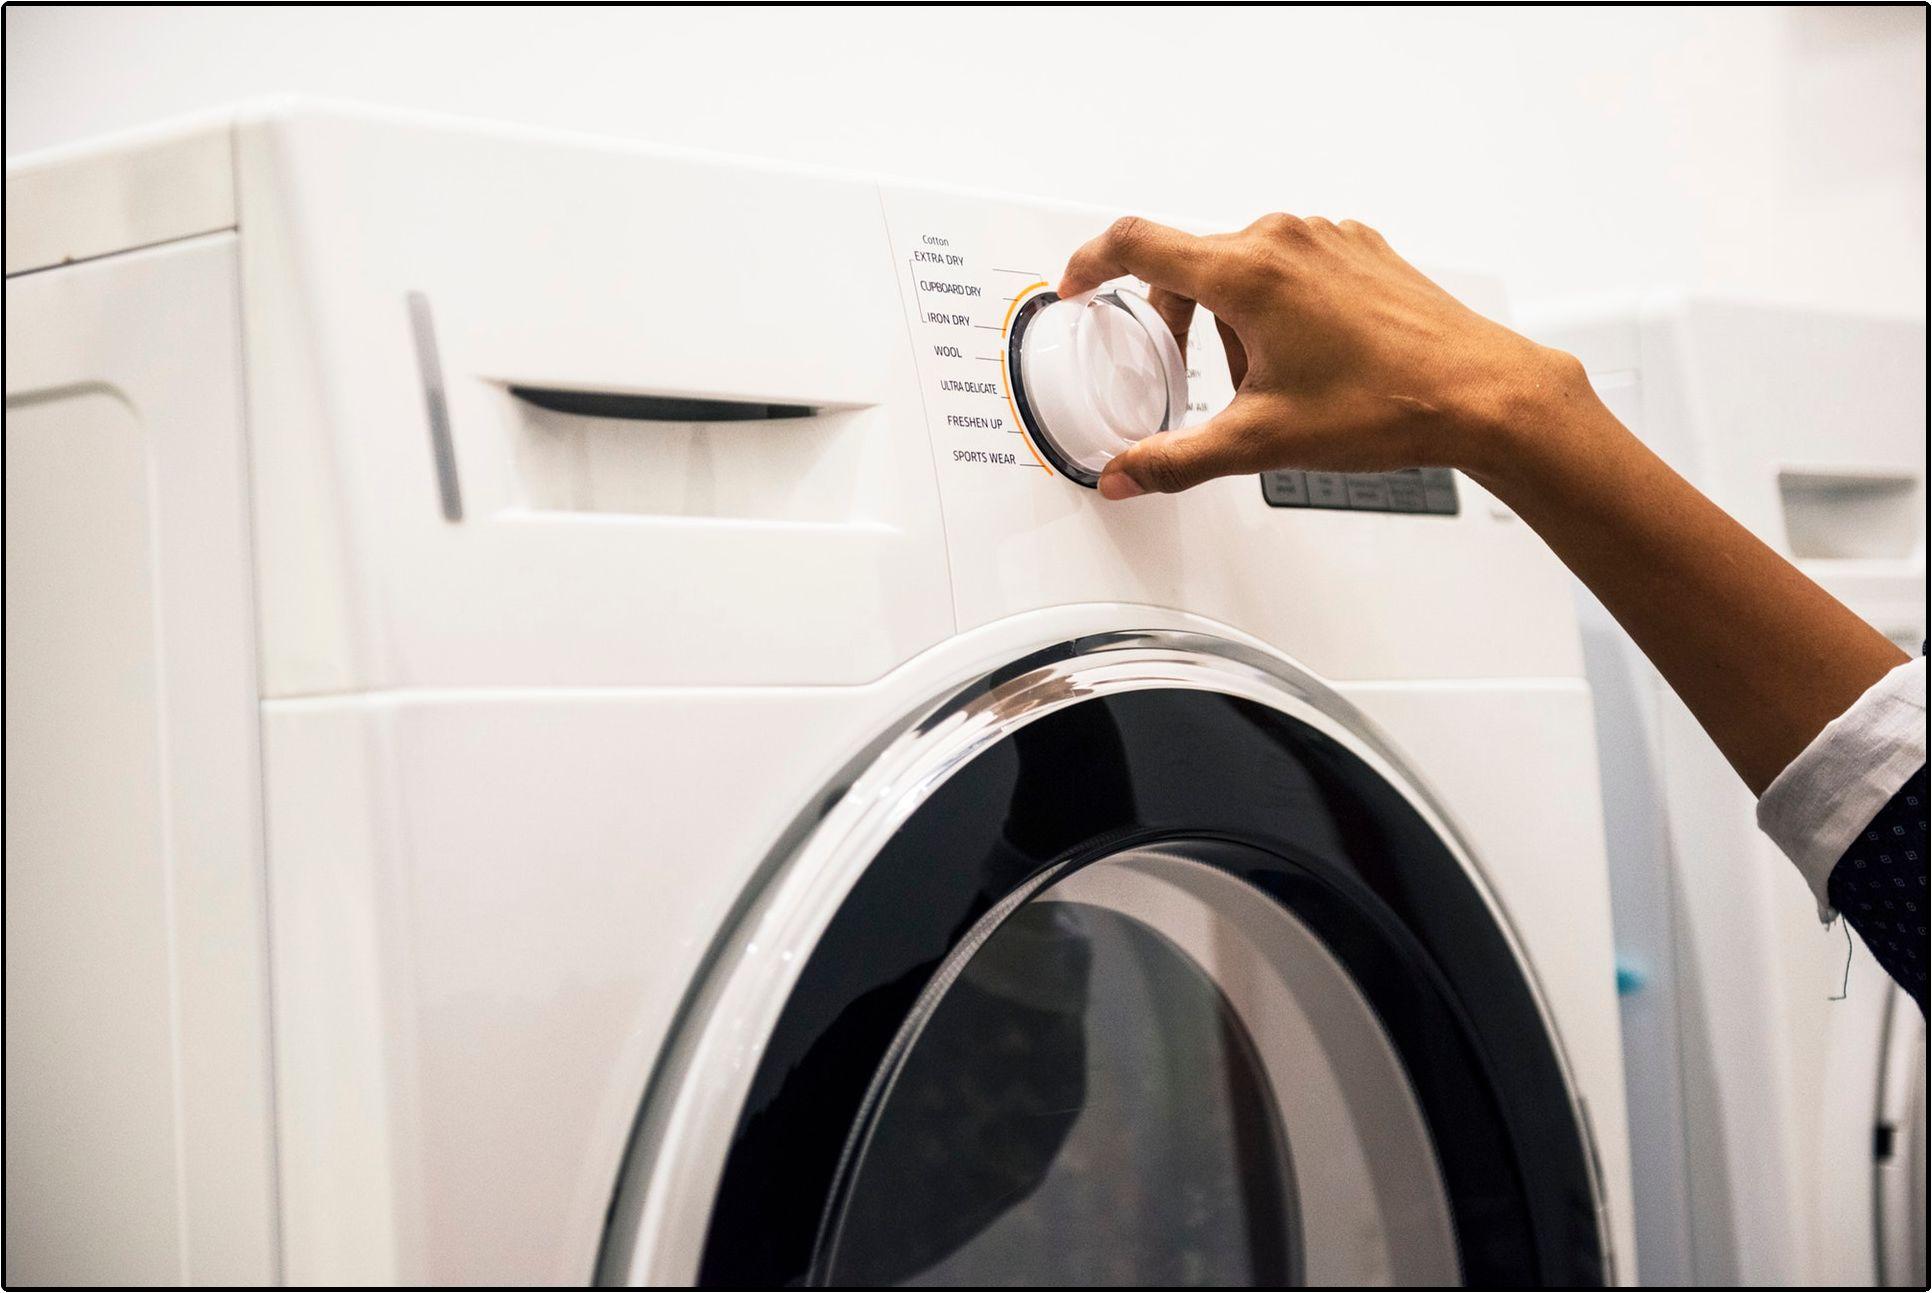 Washing 1